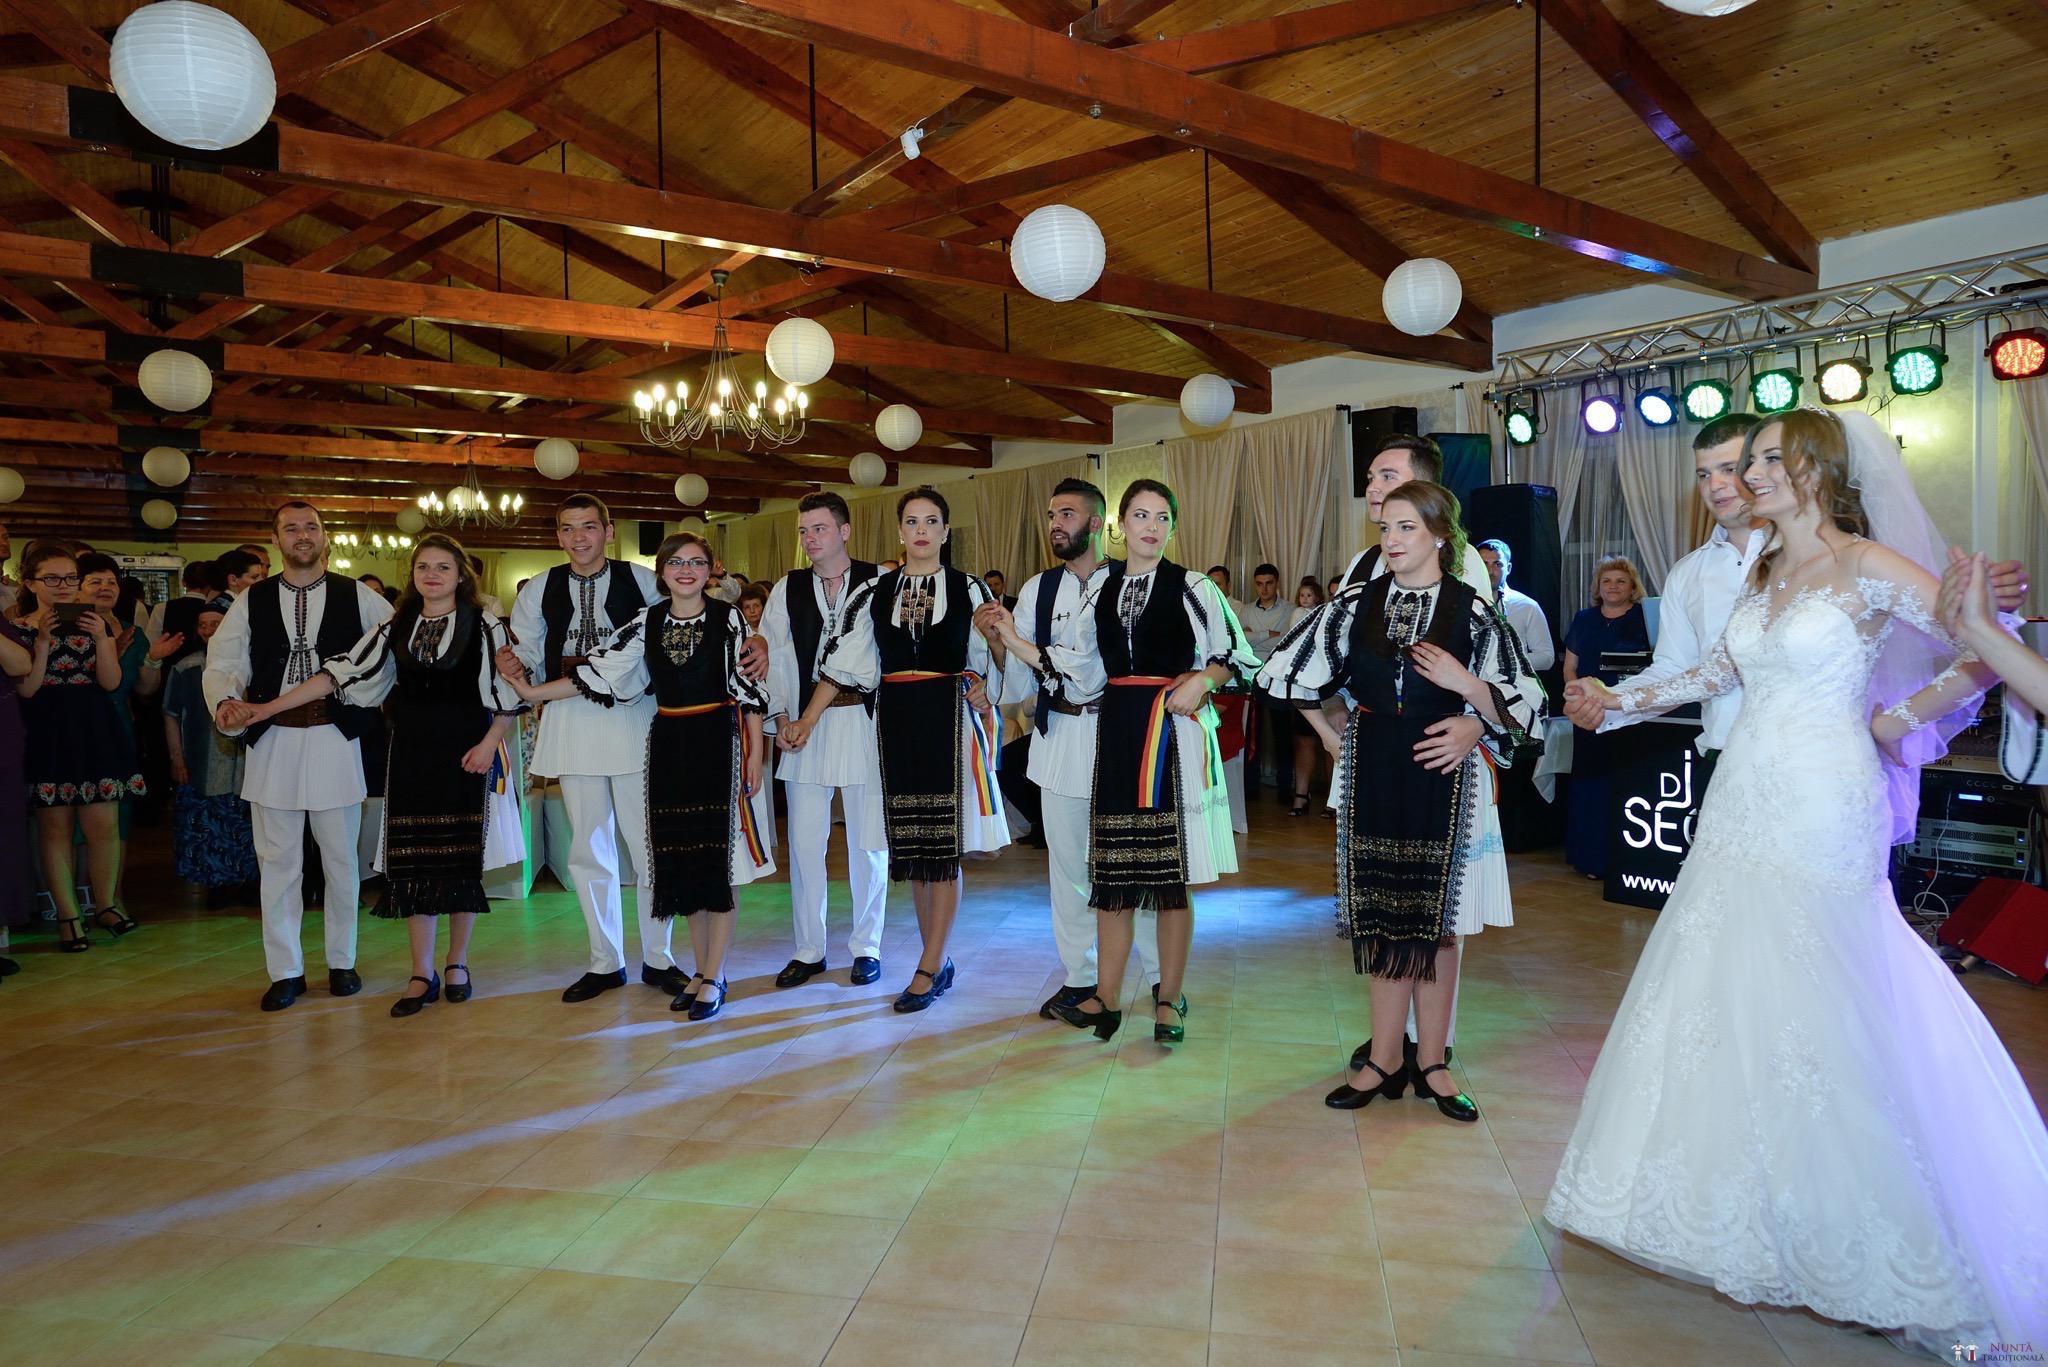 Povești Nunți Tradiționale - Constantin și Simona-Marilena. Nuntă tradițională în Căpâlna, Alba 58